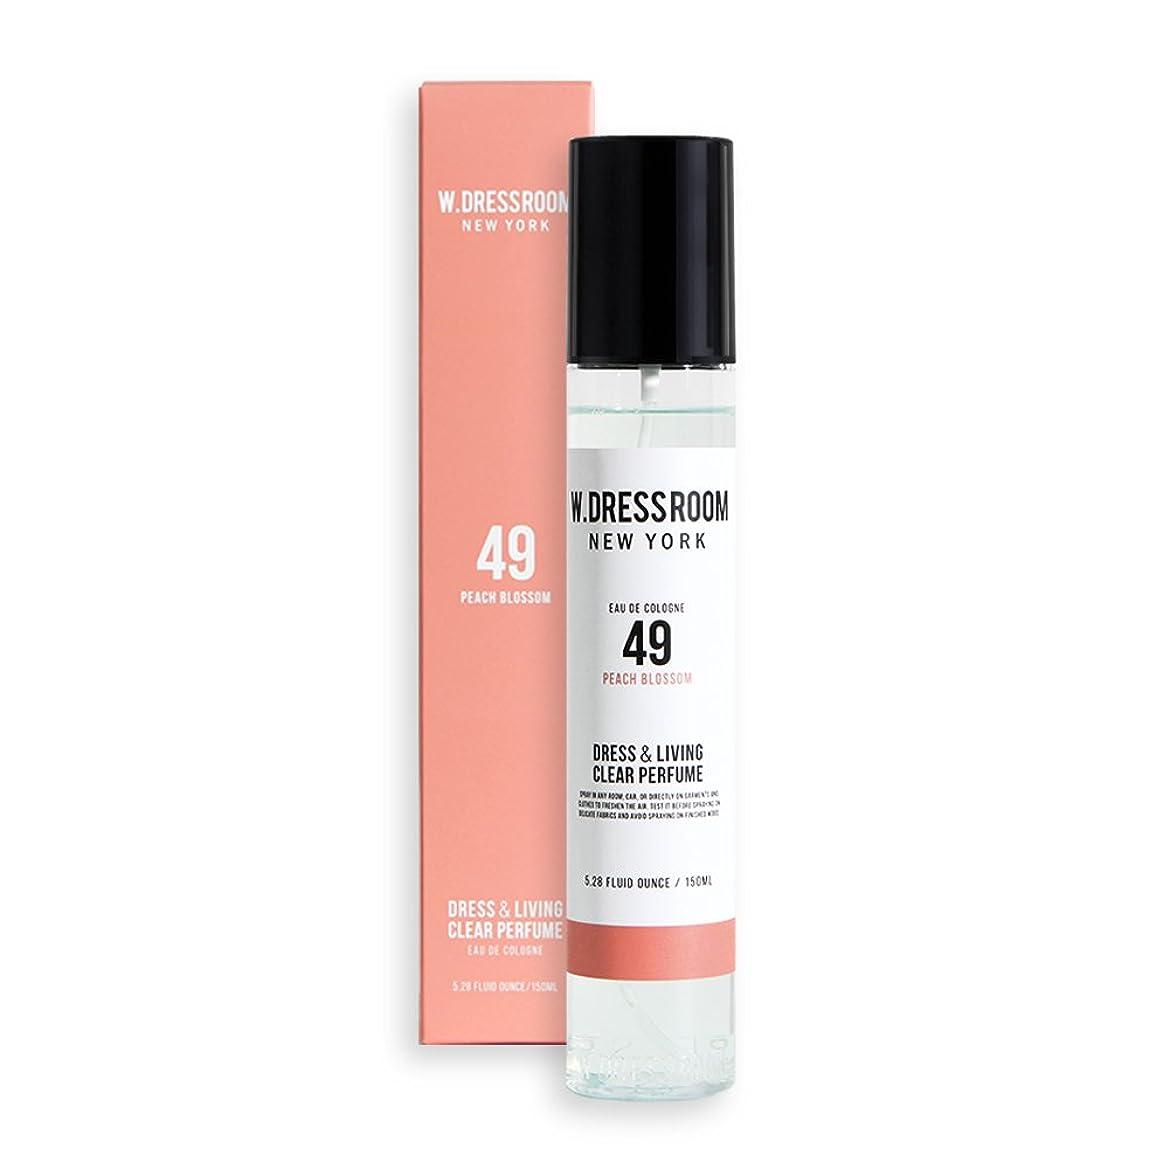 追加する矩形ビュッフェW.Dressroom 香水 エアフレッシャー ホームフレグランススプレー 150ml 49 ピーチブロッサム